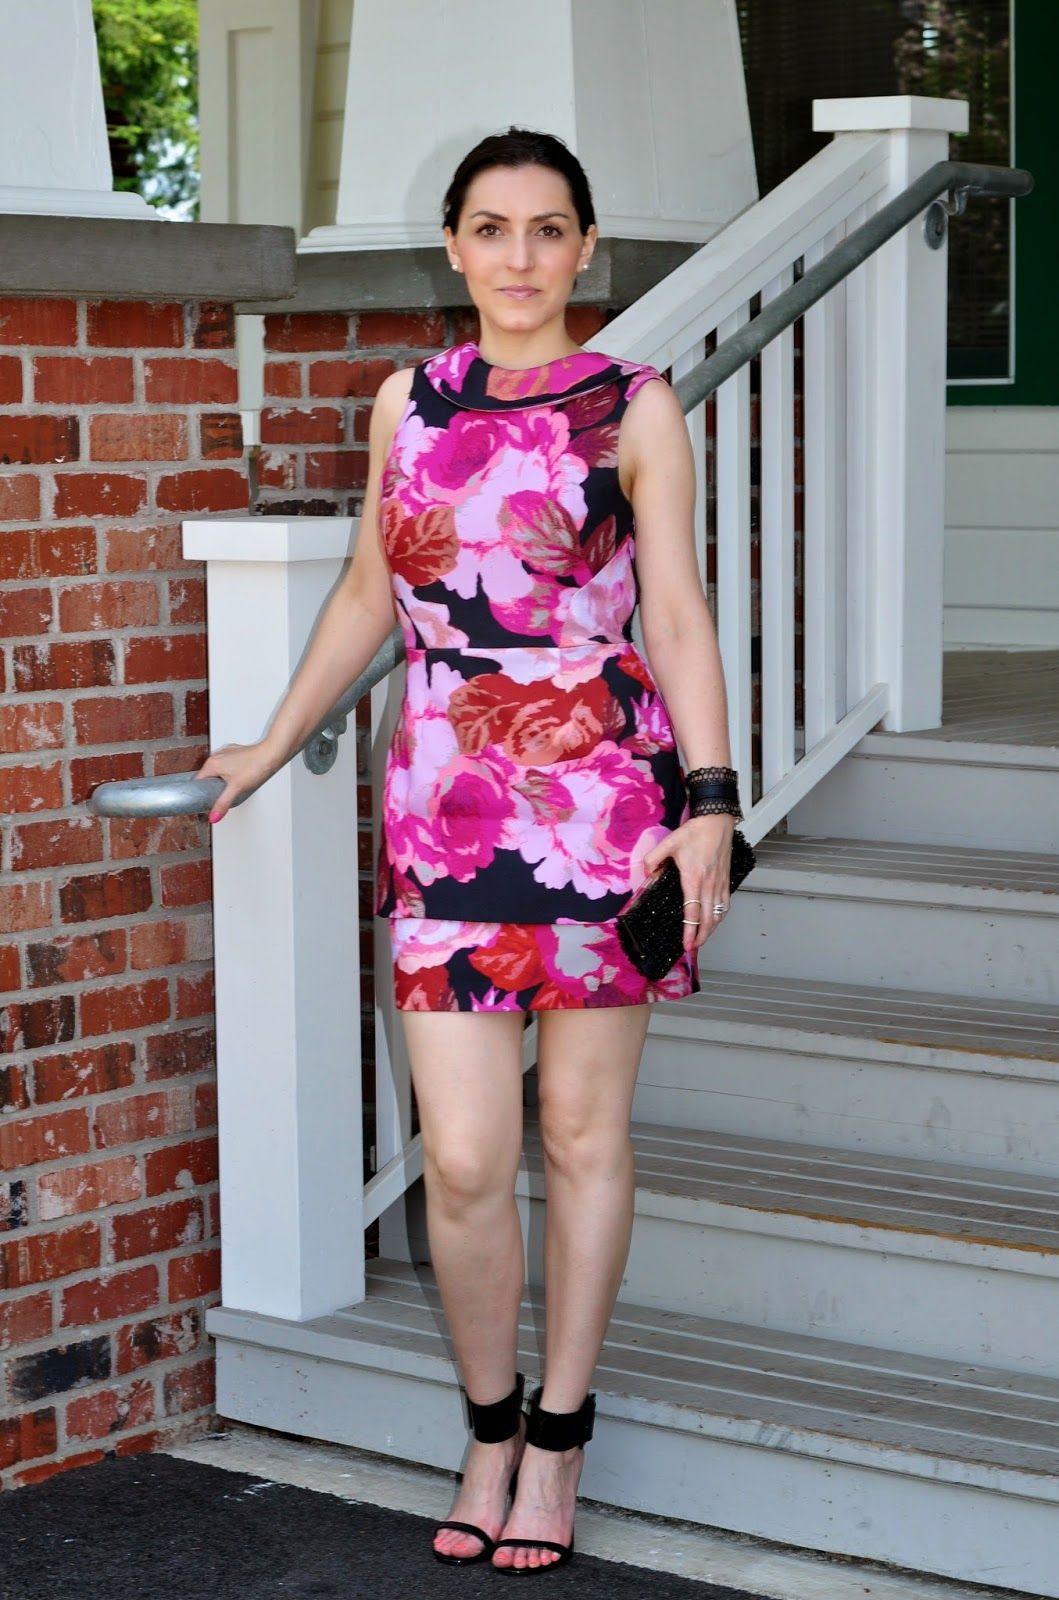 Kiki Simone Fashion - Fashion blog by Kiki Simone Williamson: clothing: MEET ME IN THE GARDEN FLORAL DRESS